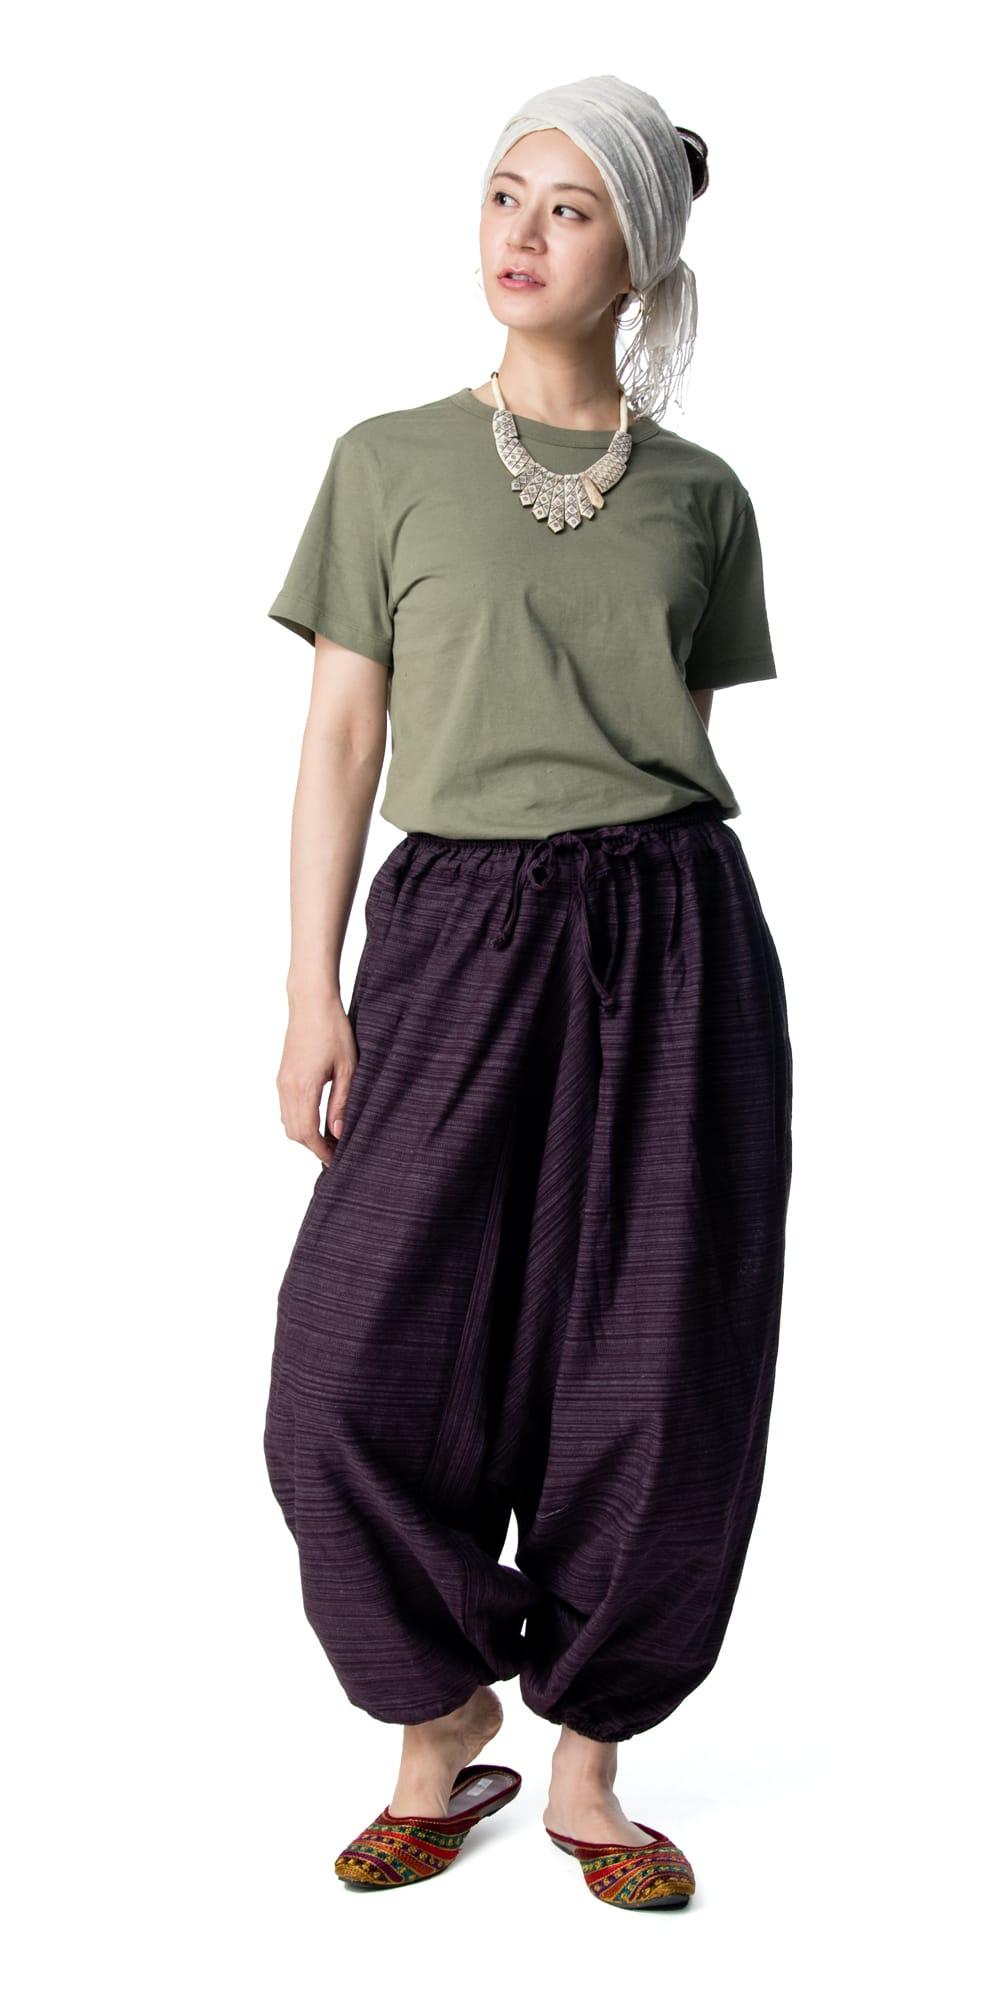 ストライプ織りのコットンモモンガパンツ 2 - 身長165cmのモデル着用例です。選択9:パープル